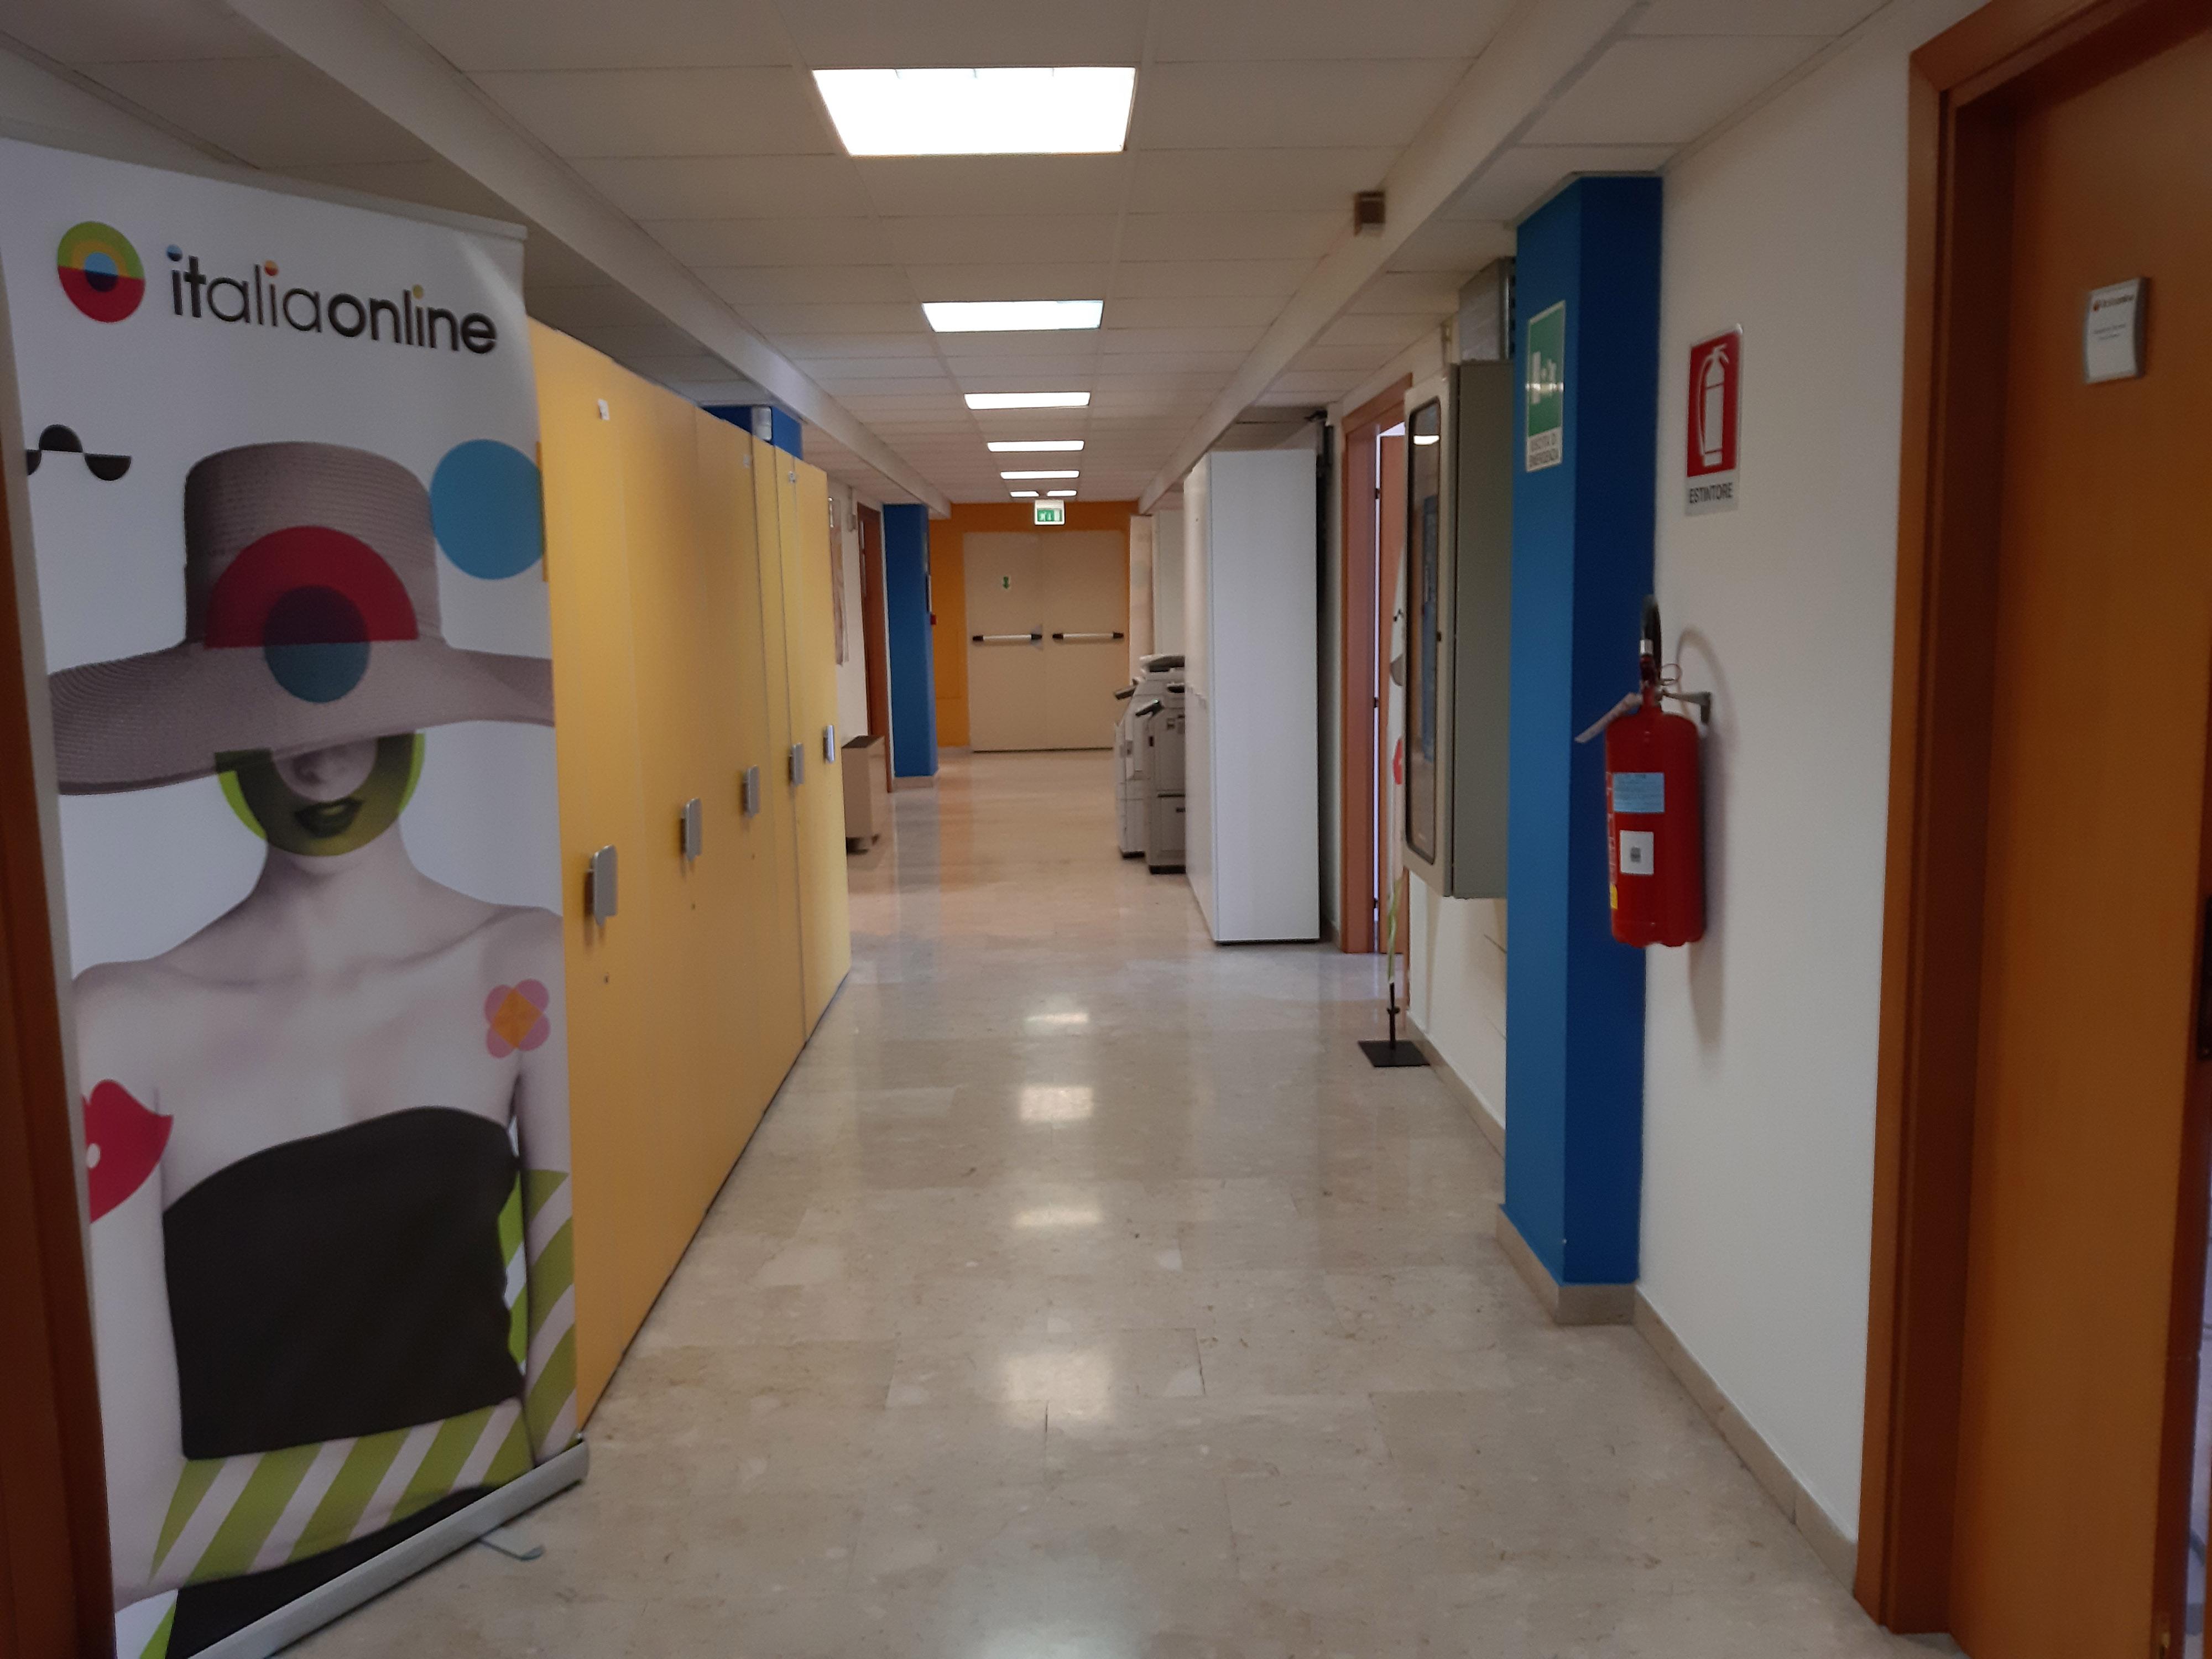 Web Agency Palermo Italiaonline interni